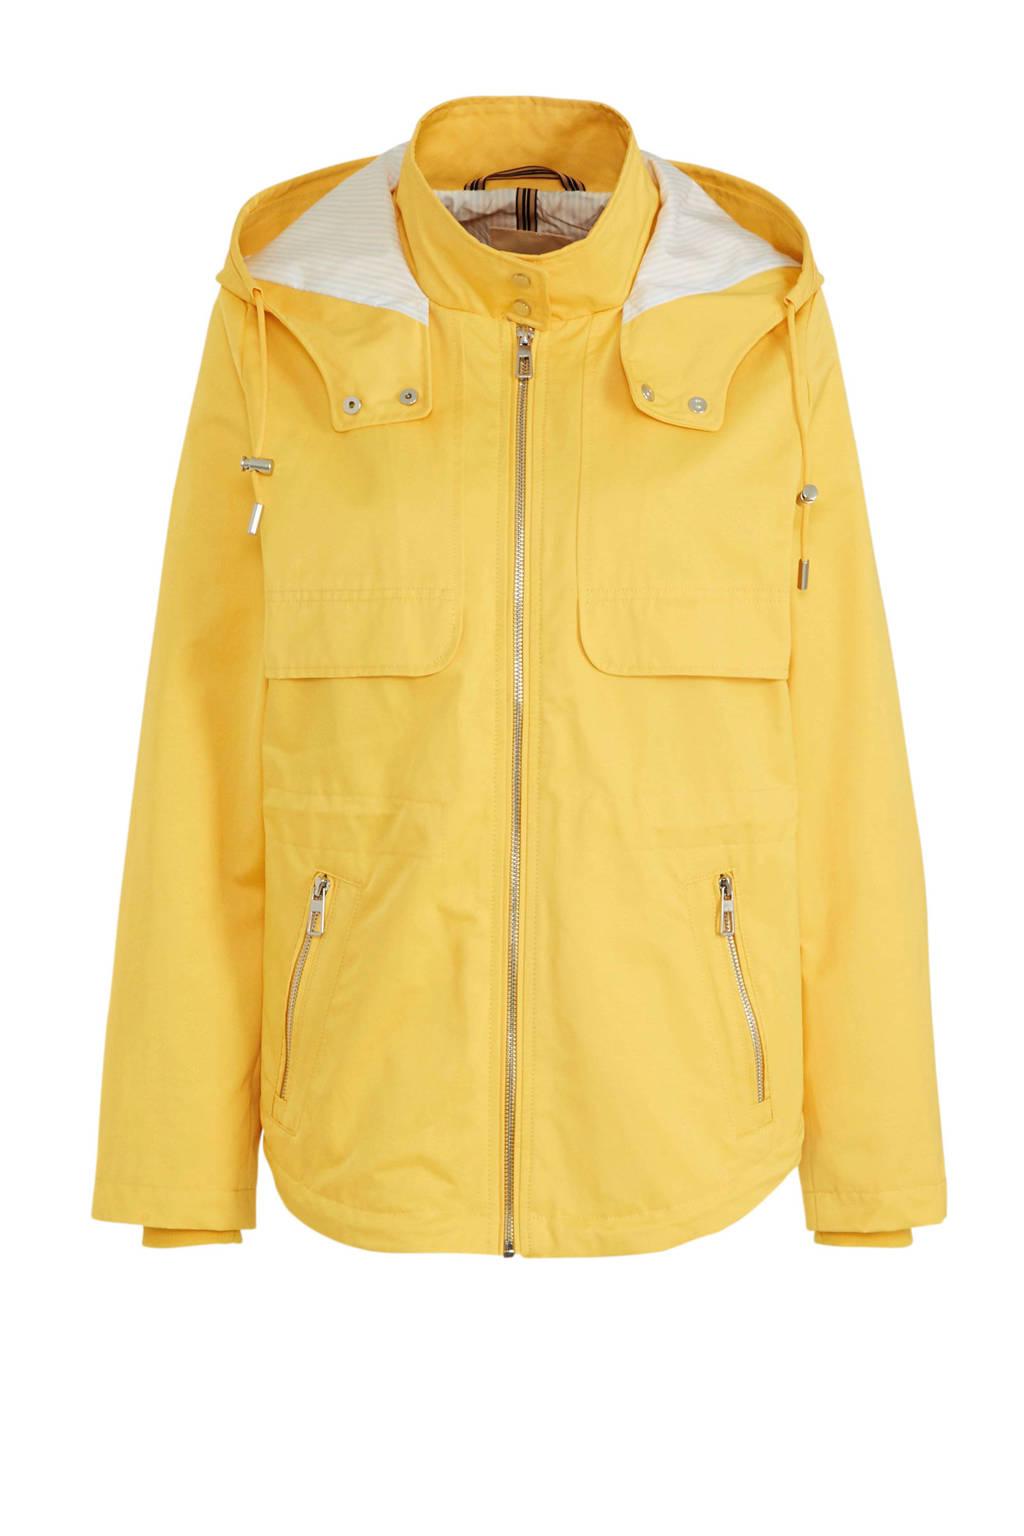 ESPRIT Women Casual jack geel, Geel